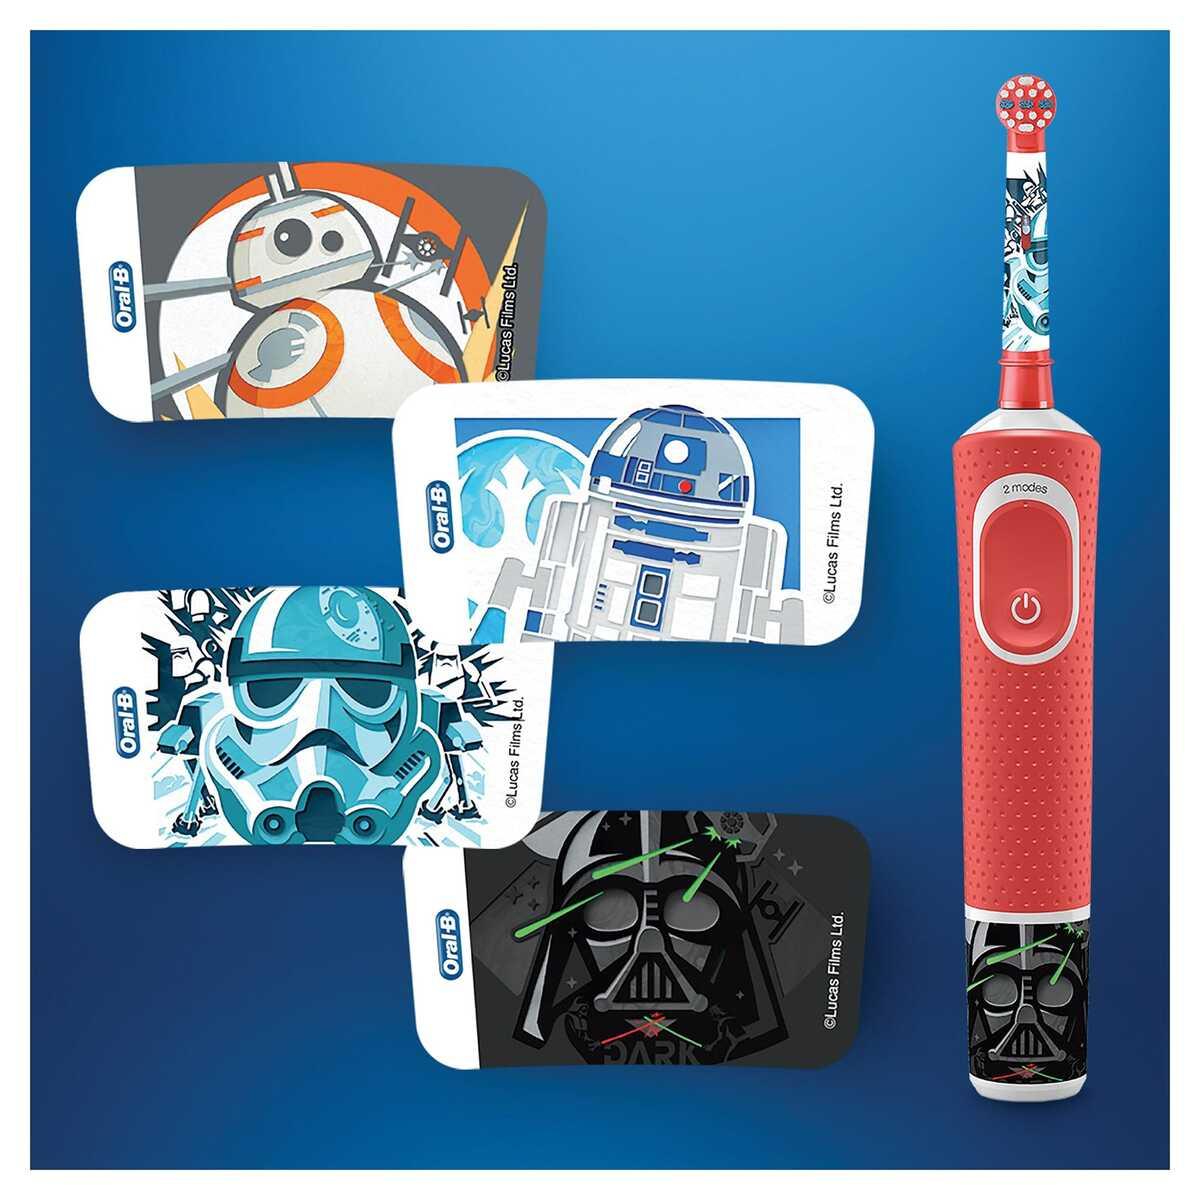 Oral-B D100 Vitality Star Wars Özel Seri Çocuklar İçin Şarj Edilebilir Diş Fırçası